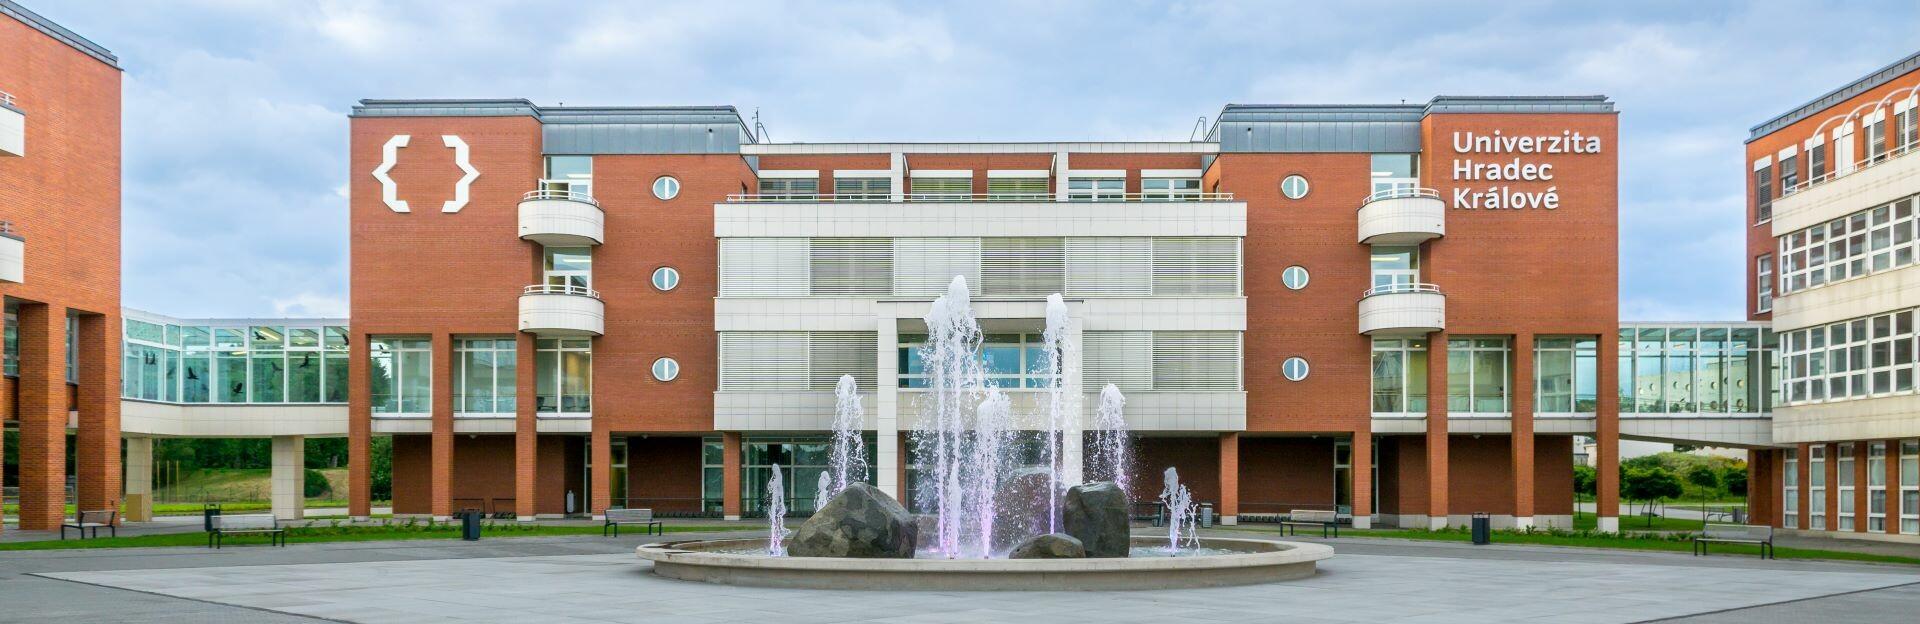 Fakulta informatiky a managementu (FIMUHK)